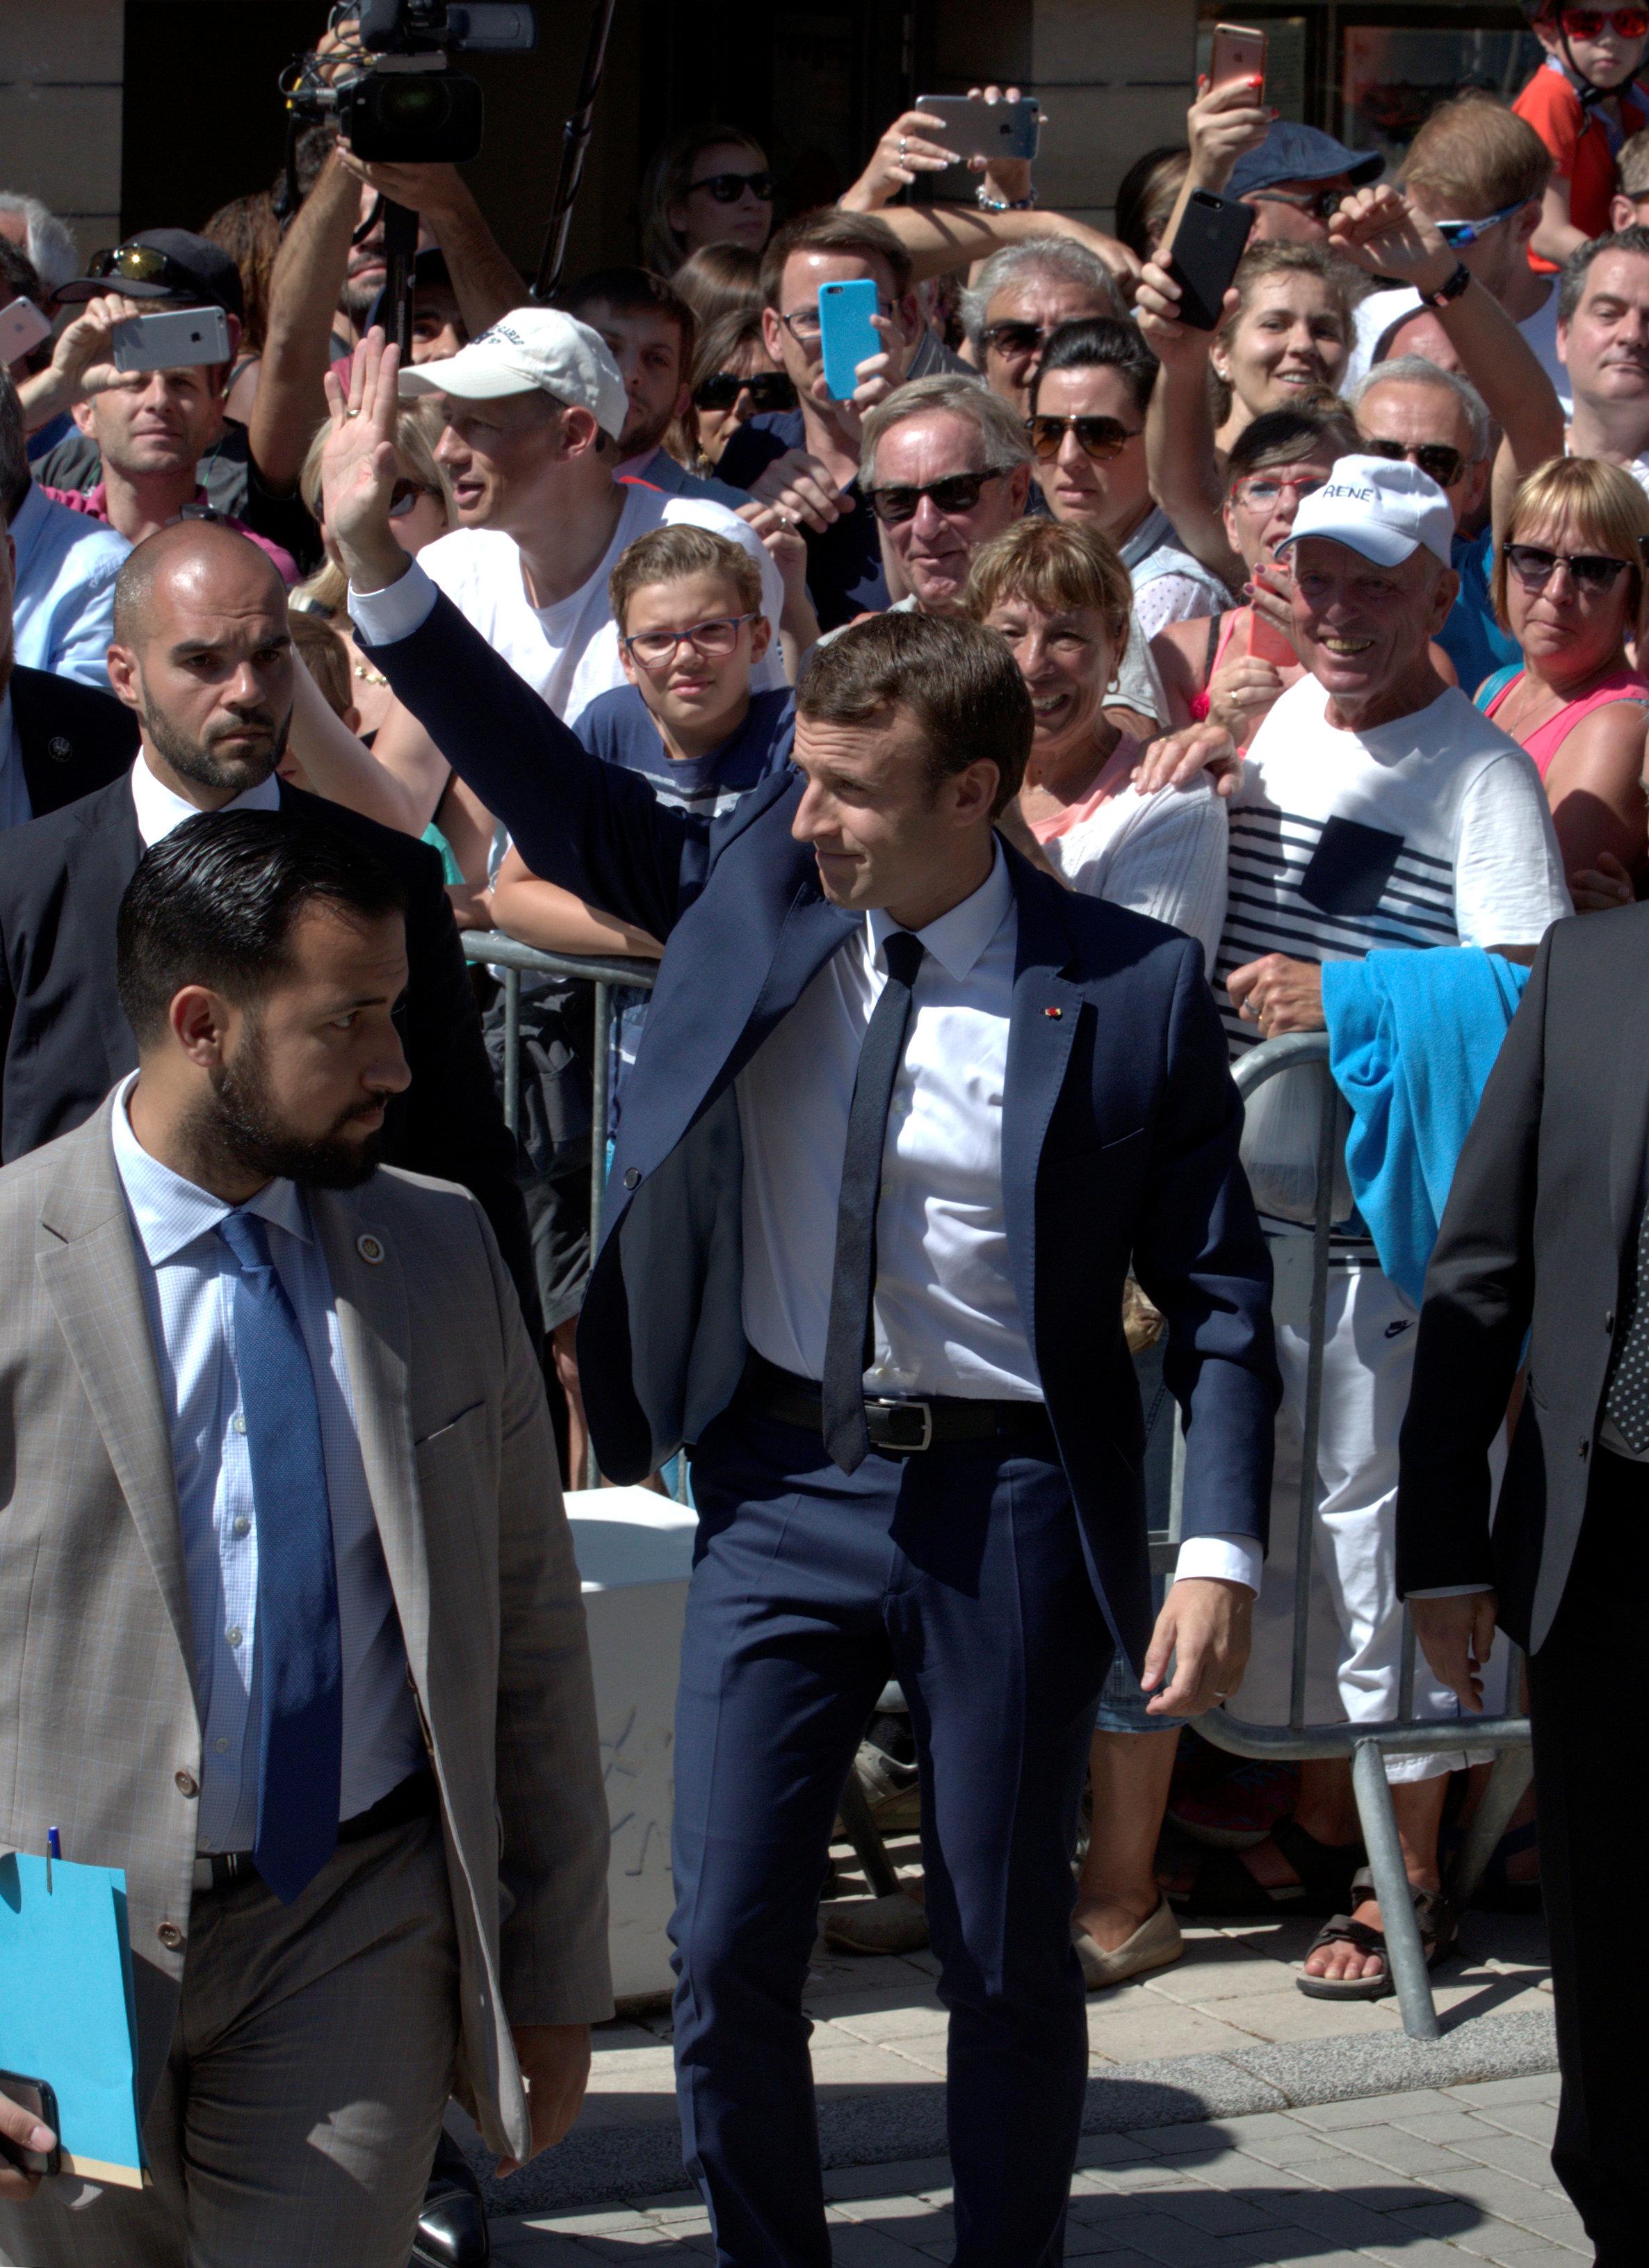 تعرف على أهم القوى السياسية المتنافسة في الانتخابات الفرنسية